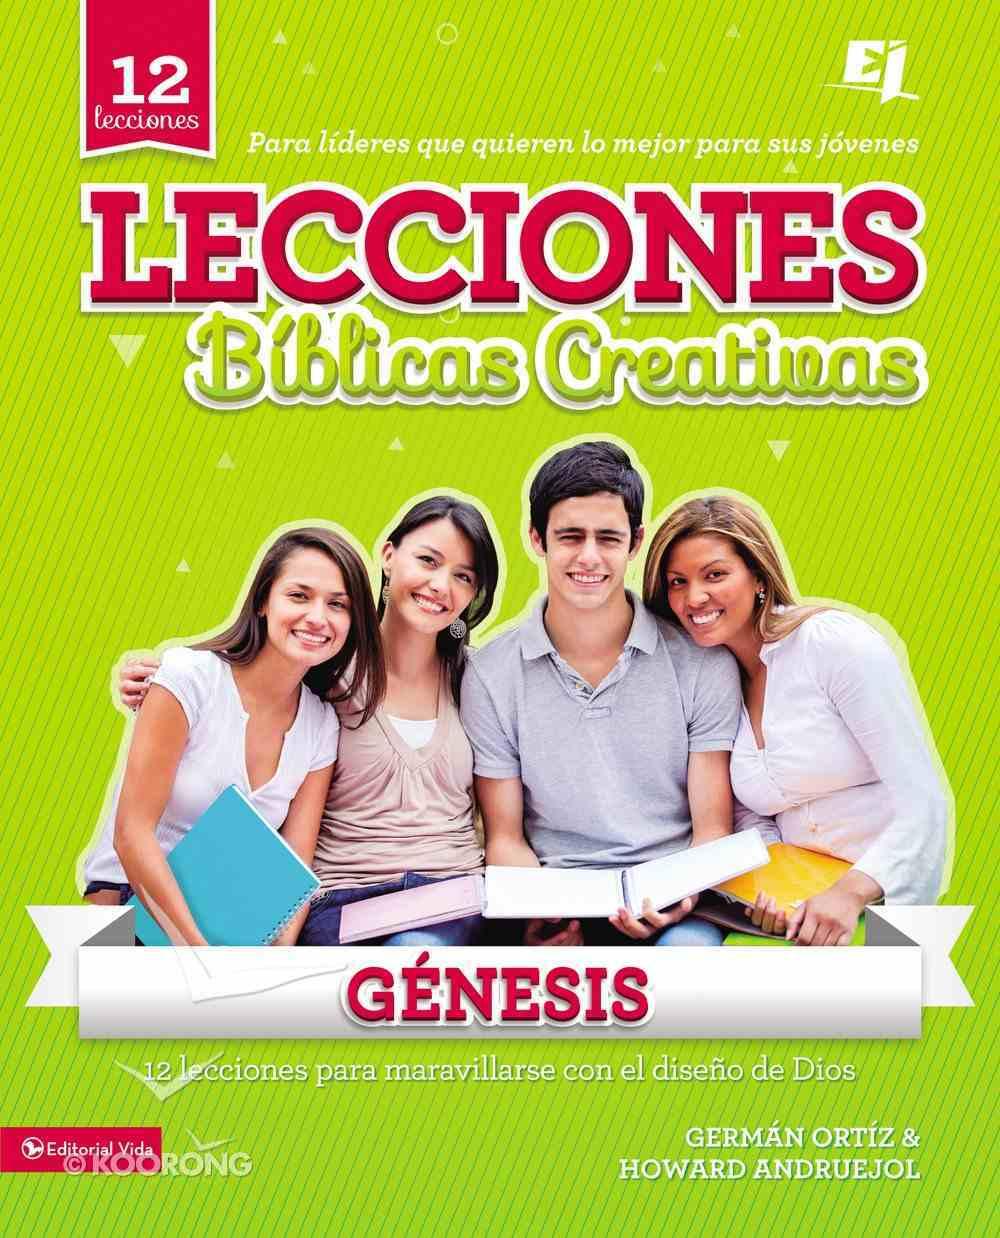 Lecciones Bblicas Creativas: Gnesis eBook